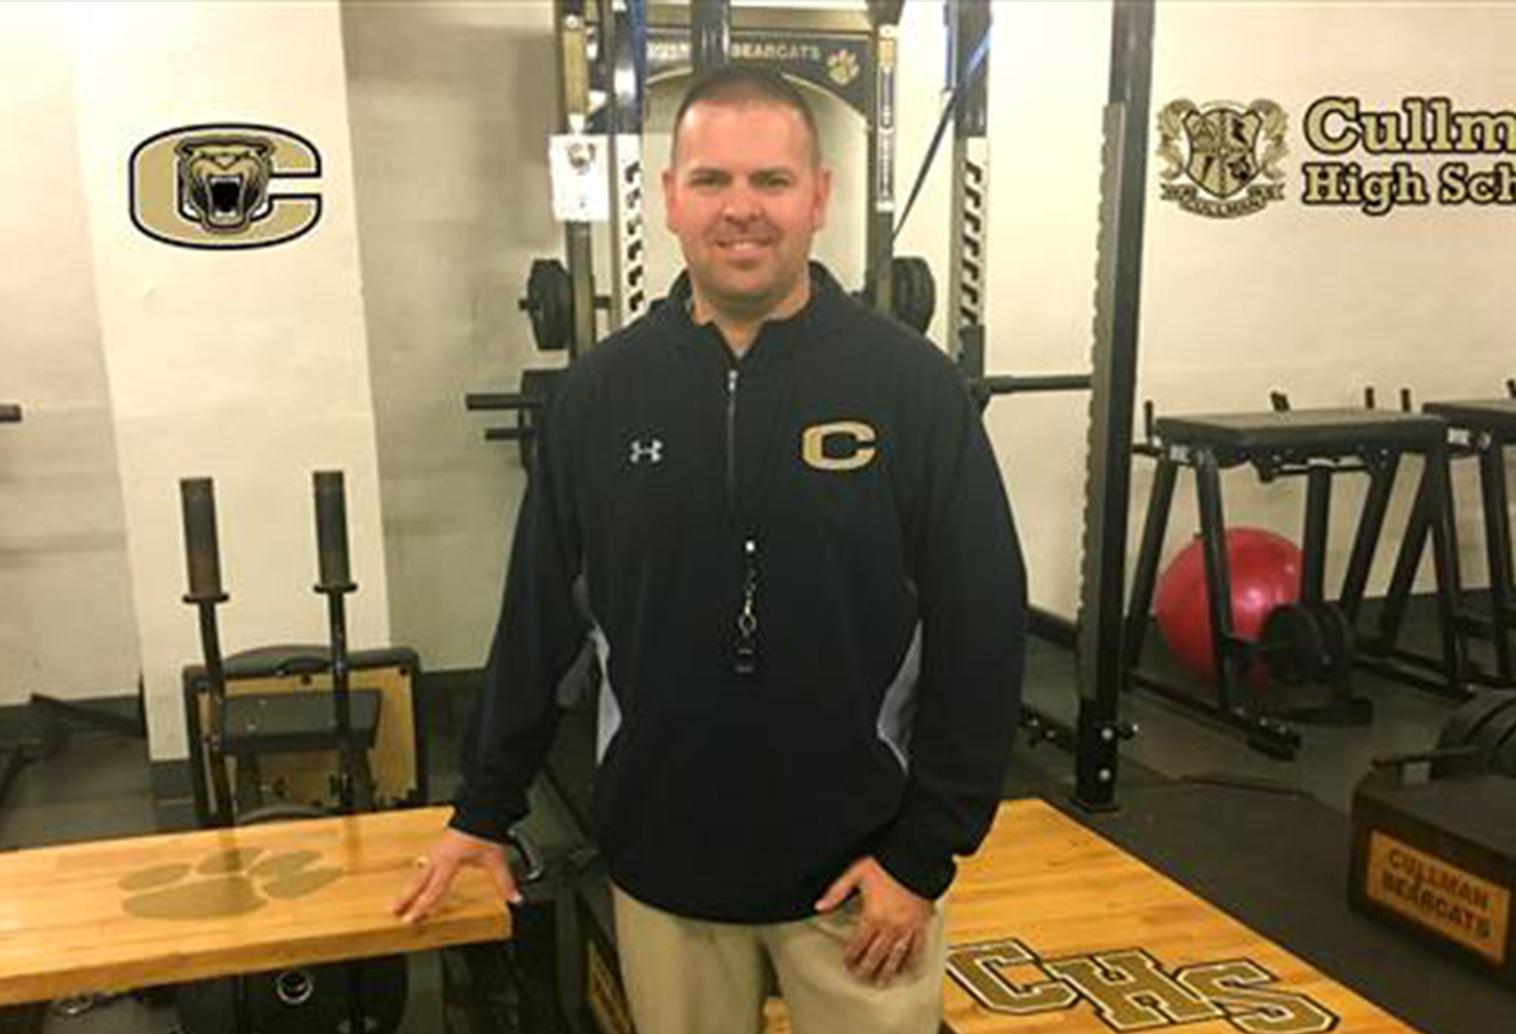 Plunkett steps down as Cullman head coach